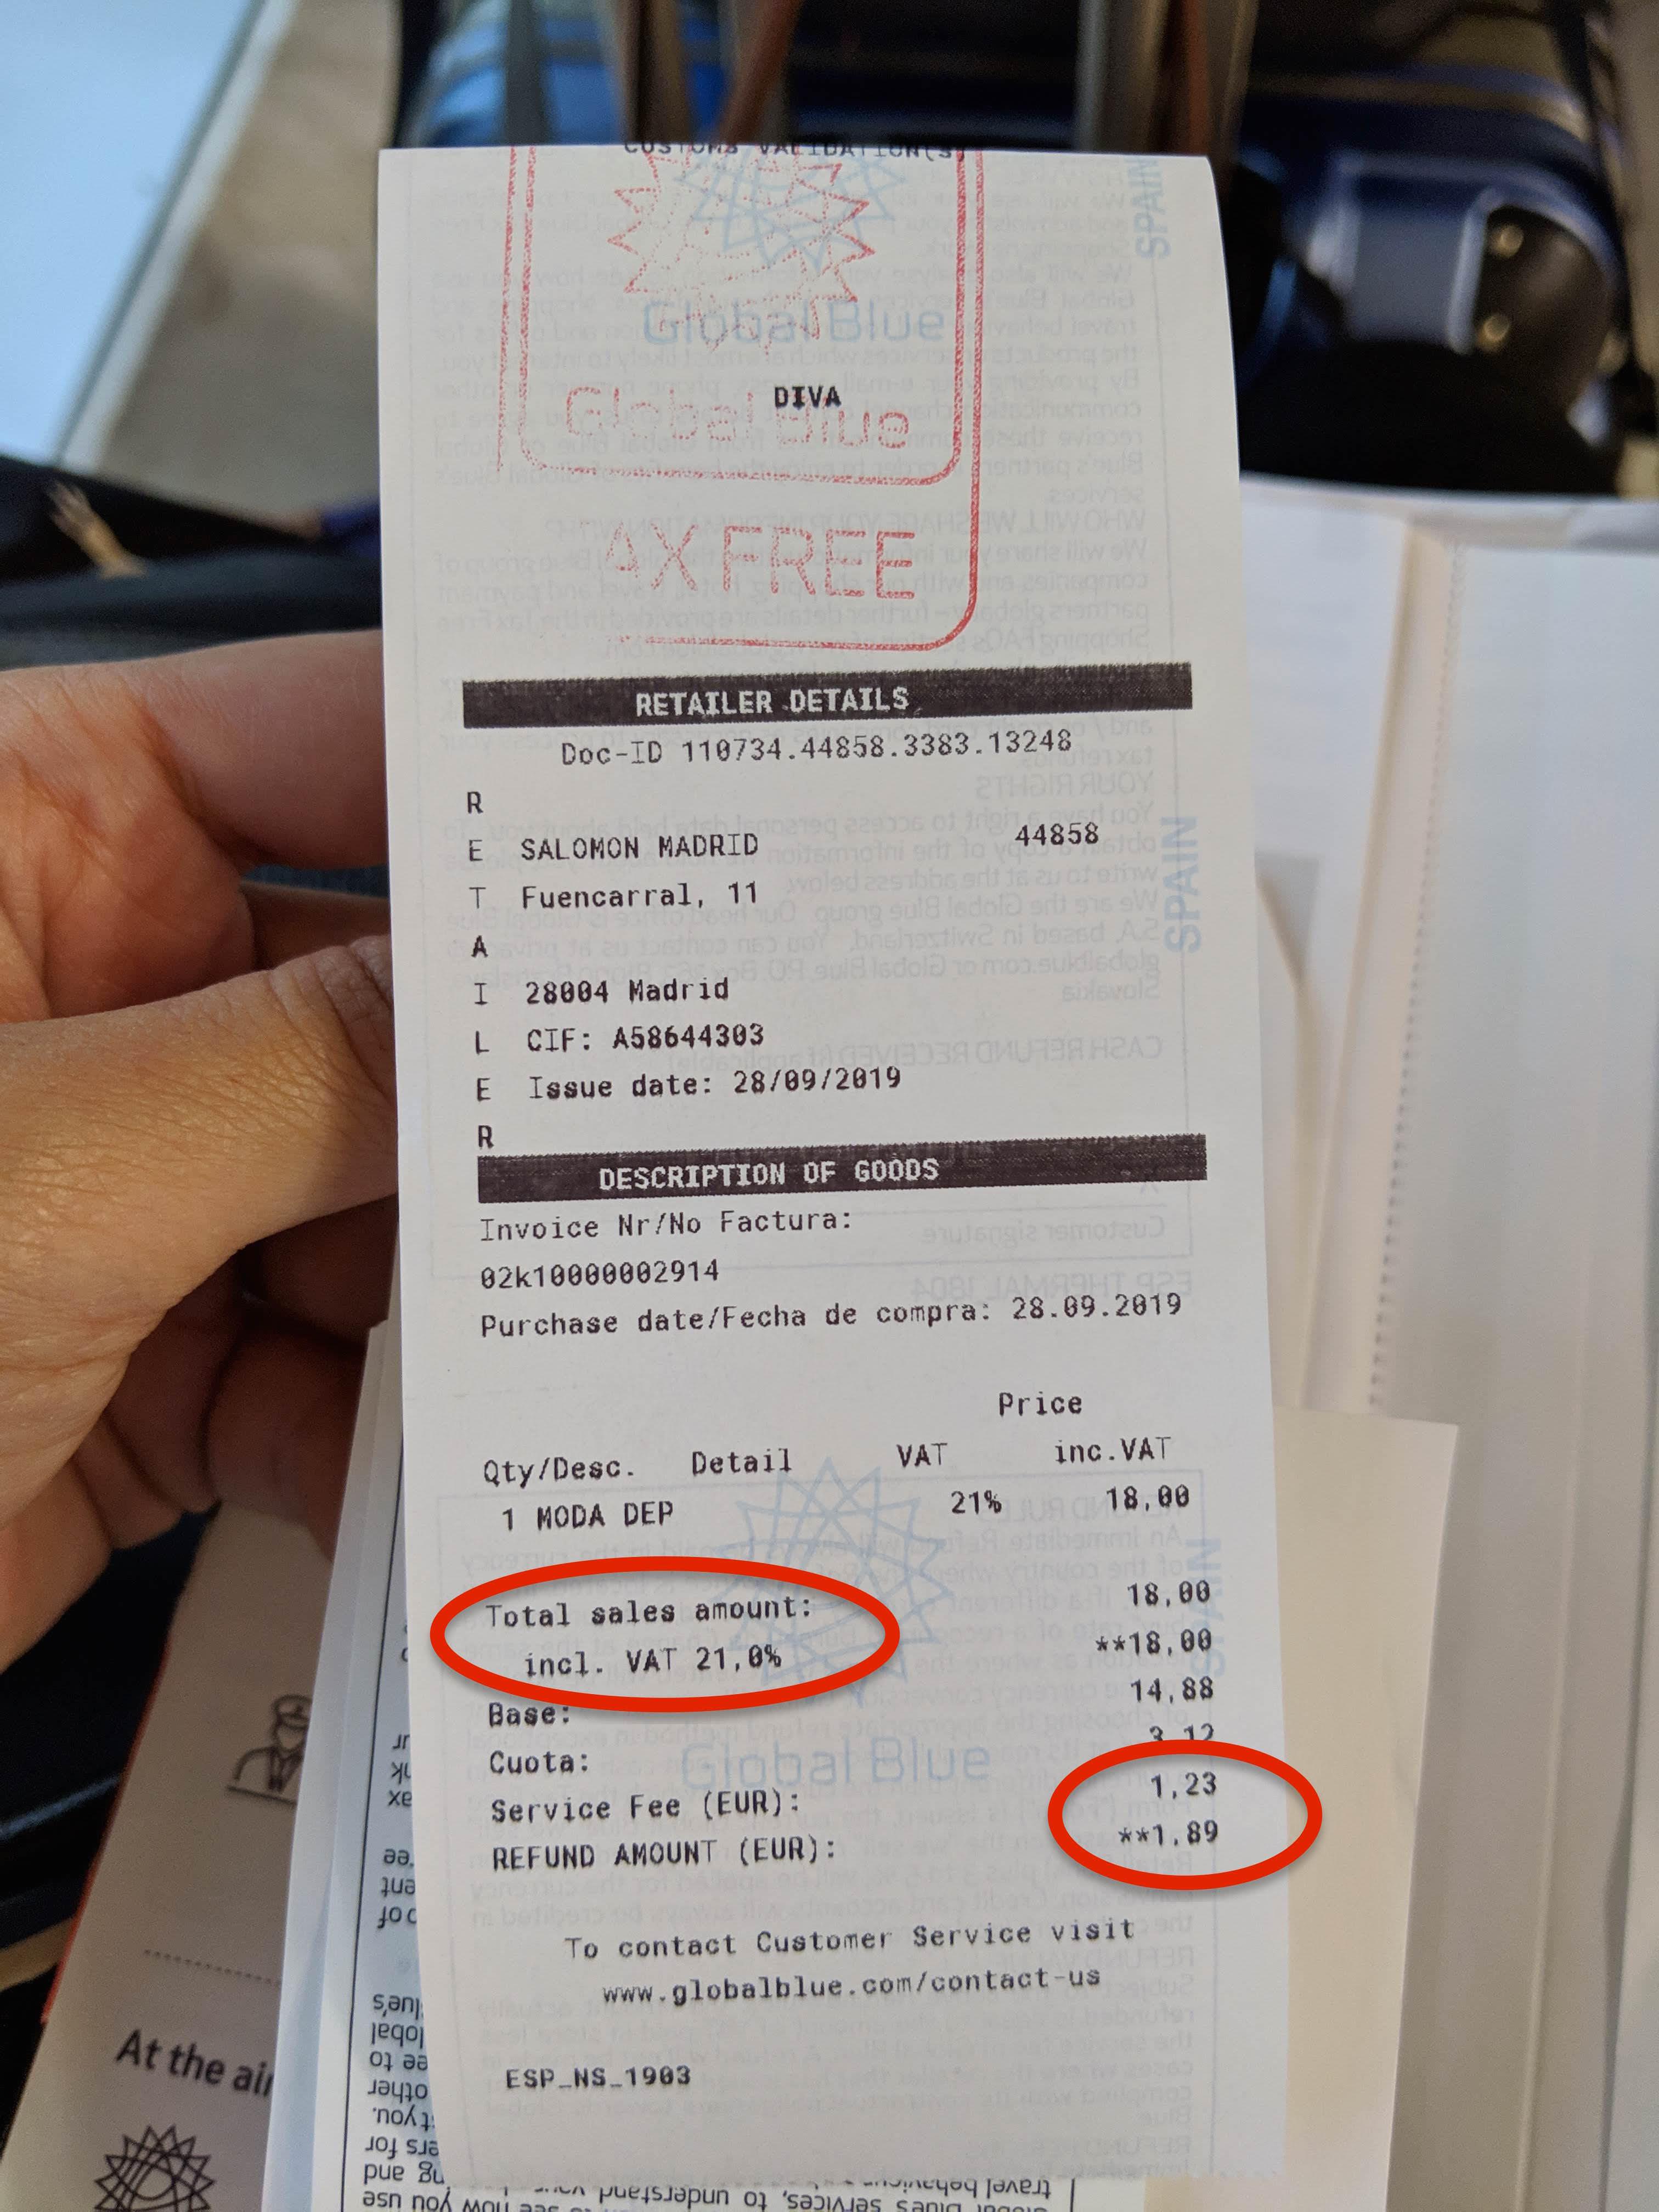 西班牙馬德里機場退稅tax diva退稅refund